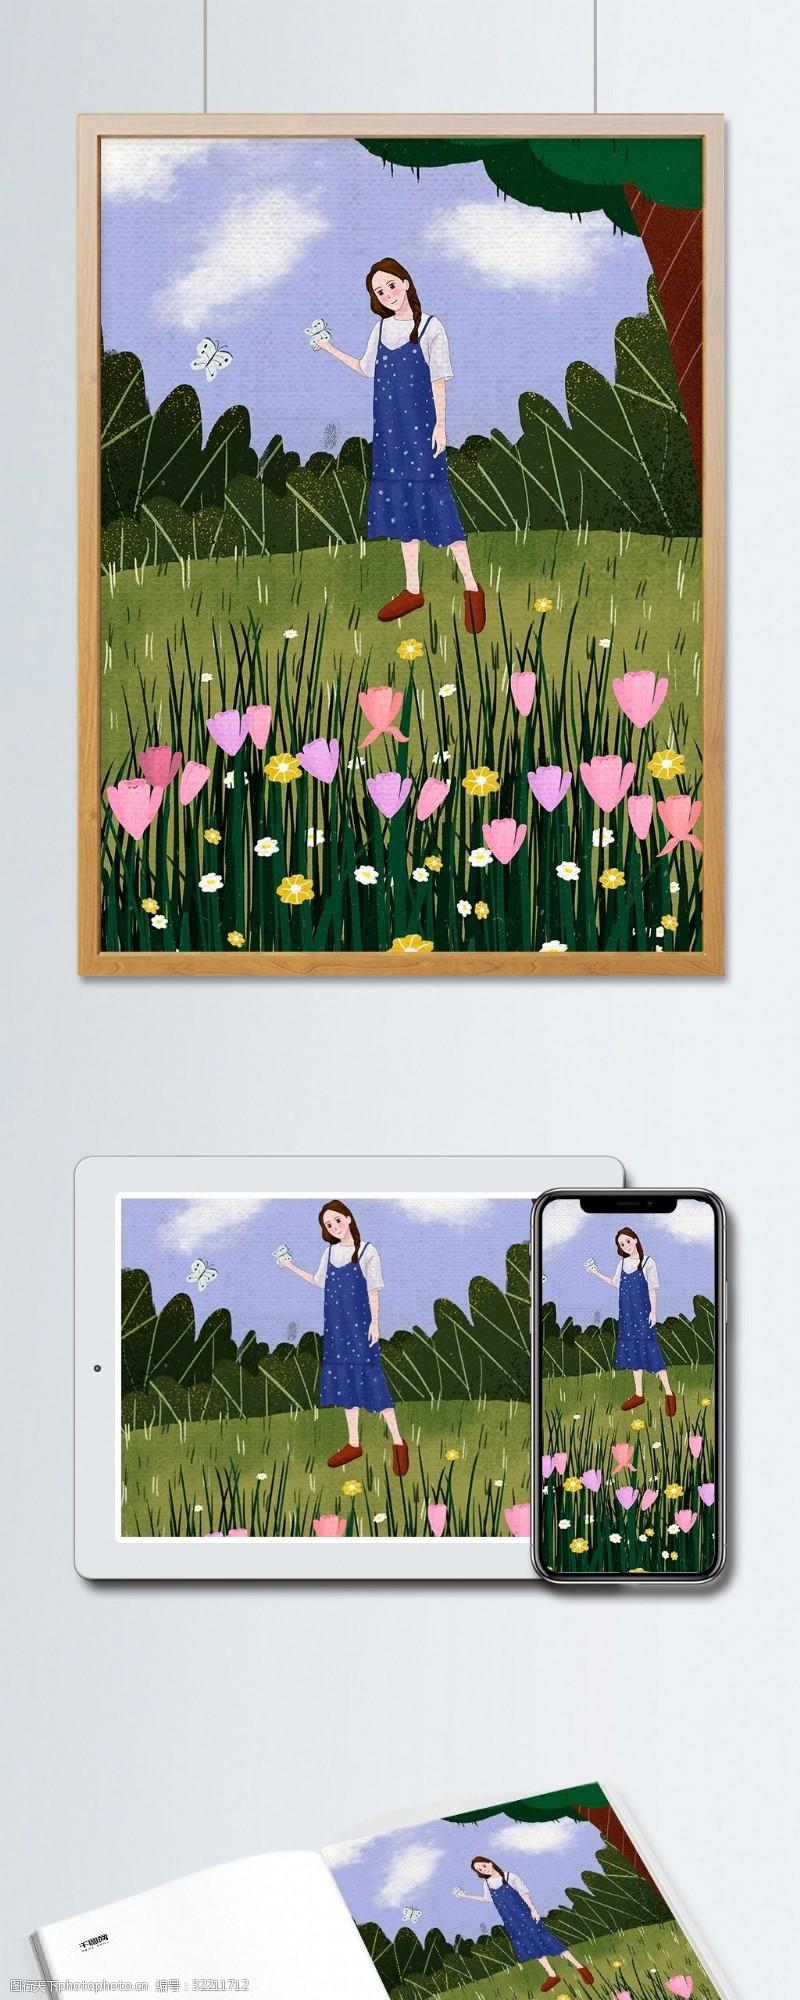 鲜花女孩手绘小清新二十四节气春分之鲜花